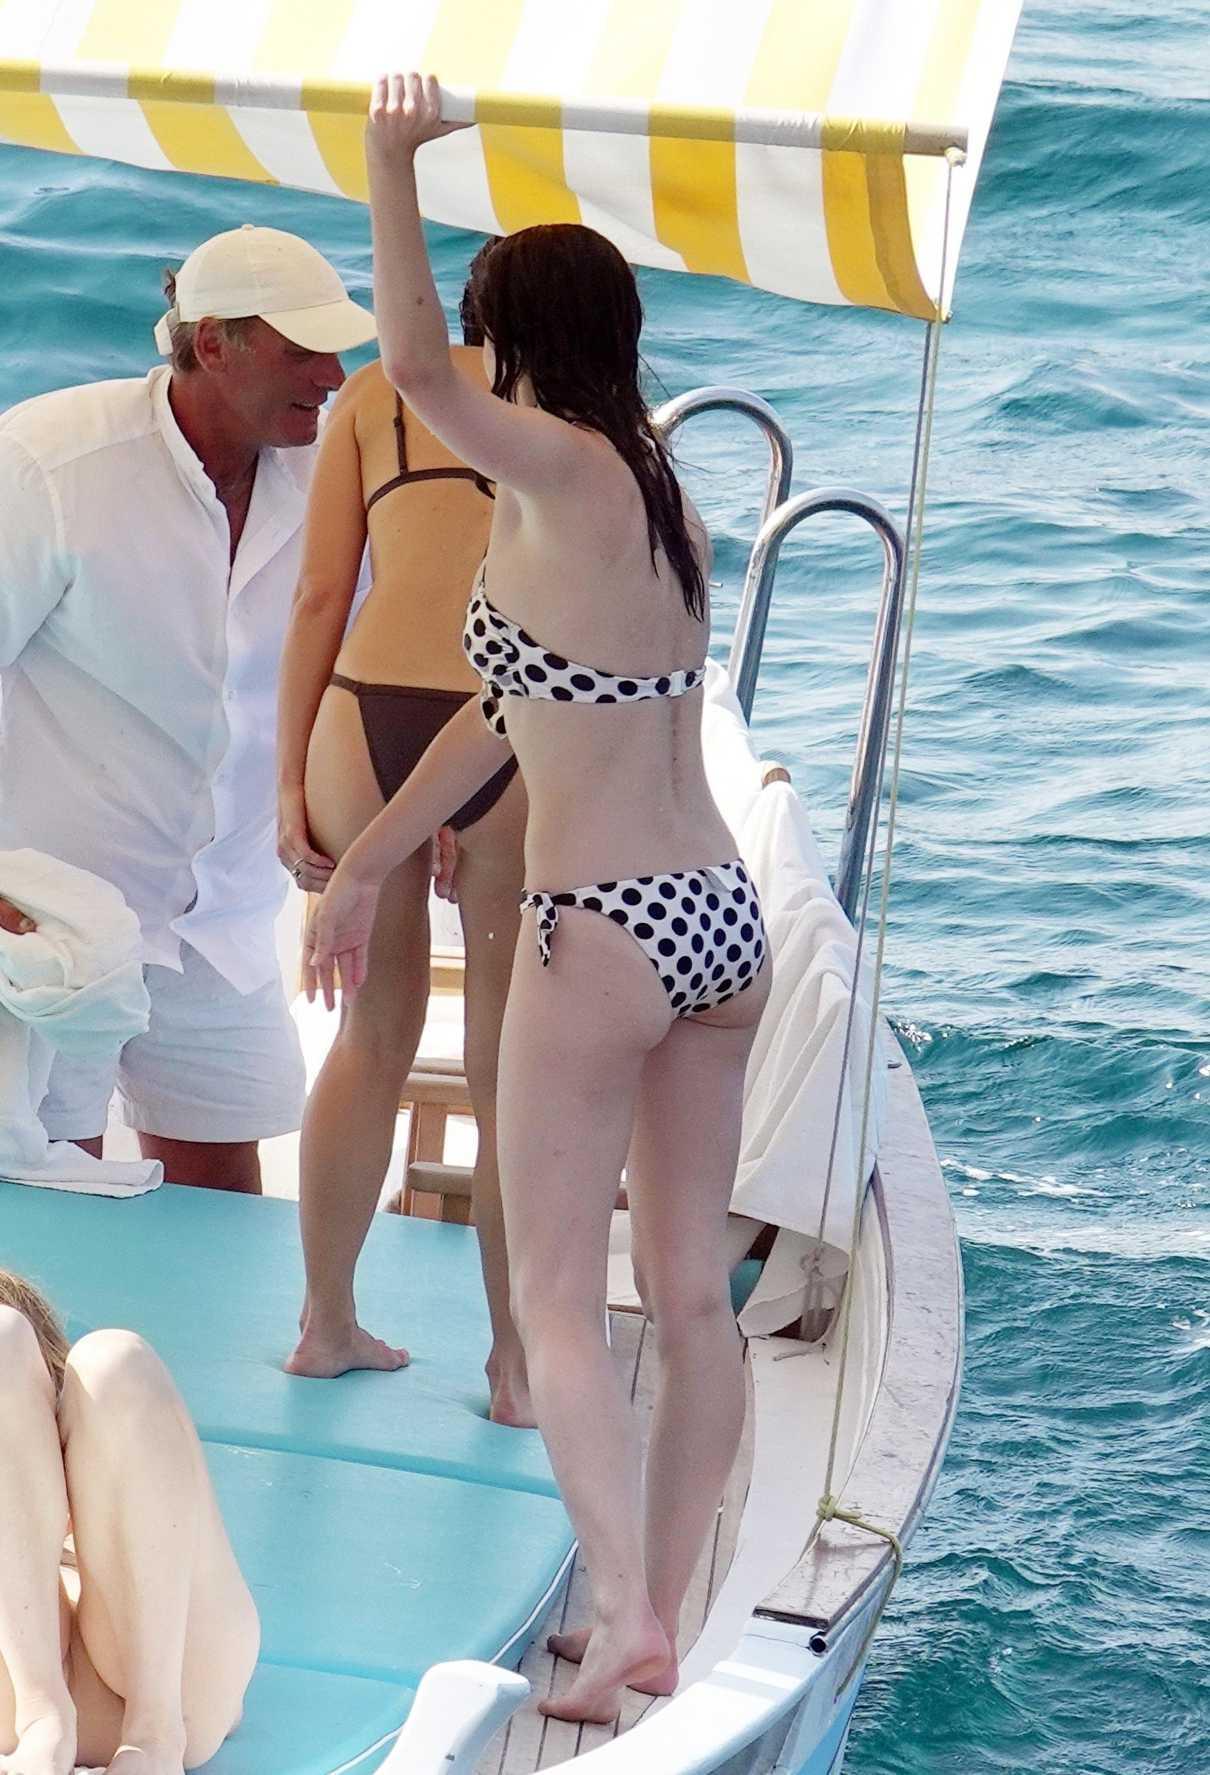 Phoebe Tonkin in a Polka Dot Bikini